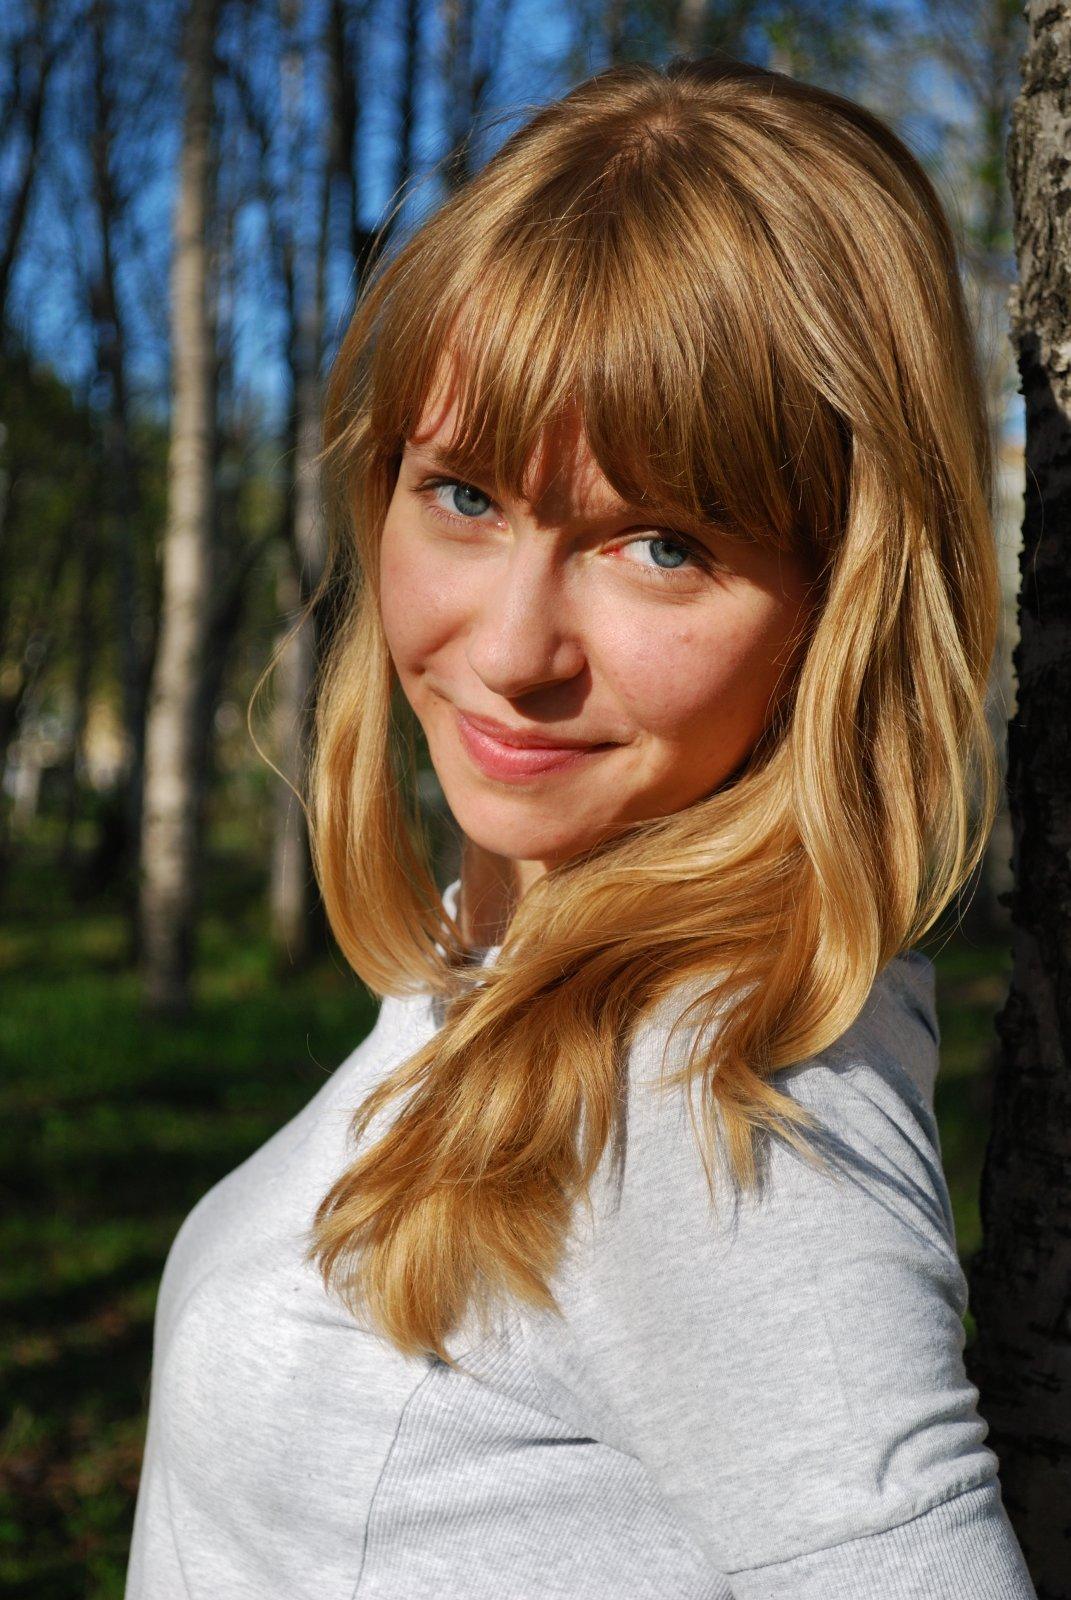 pshenichnyj-cvet-volos-ottenki-kraska-foto_ (35)